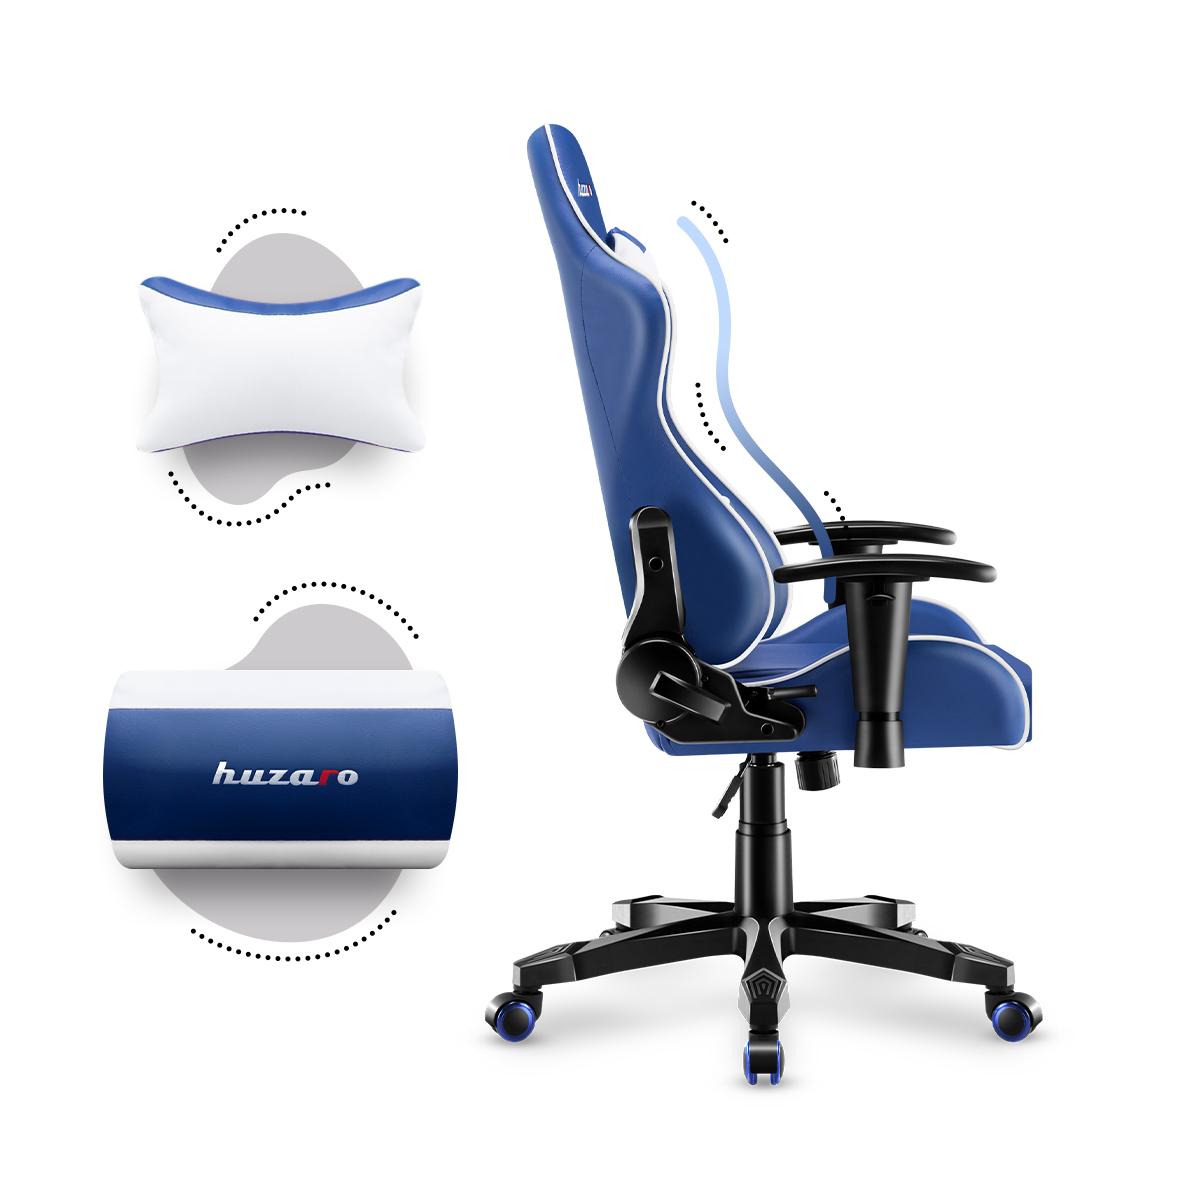 Prawy bok fotela dziecięcego Ranger 6.0 Blue z poduszkami